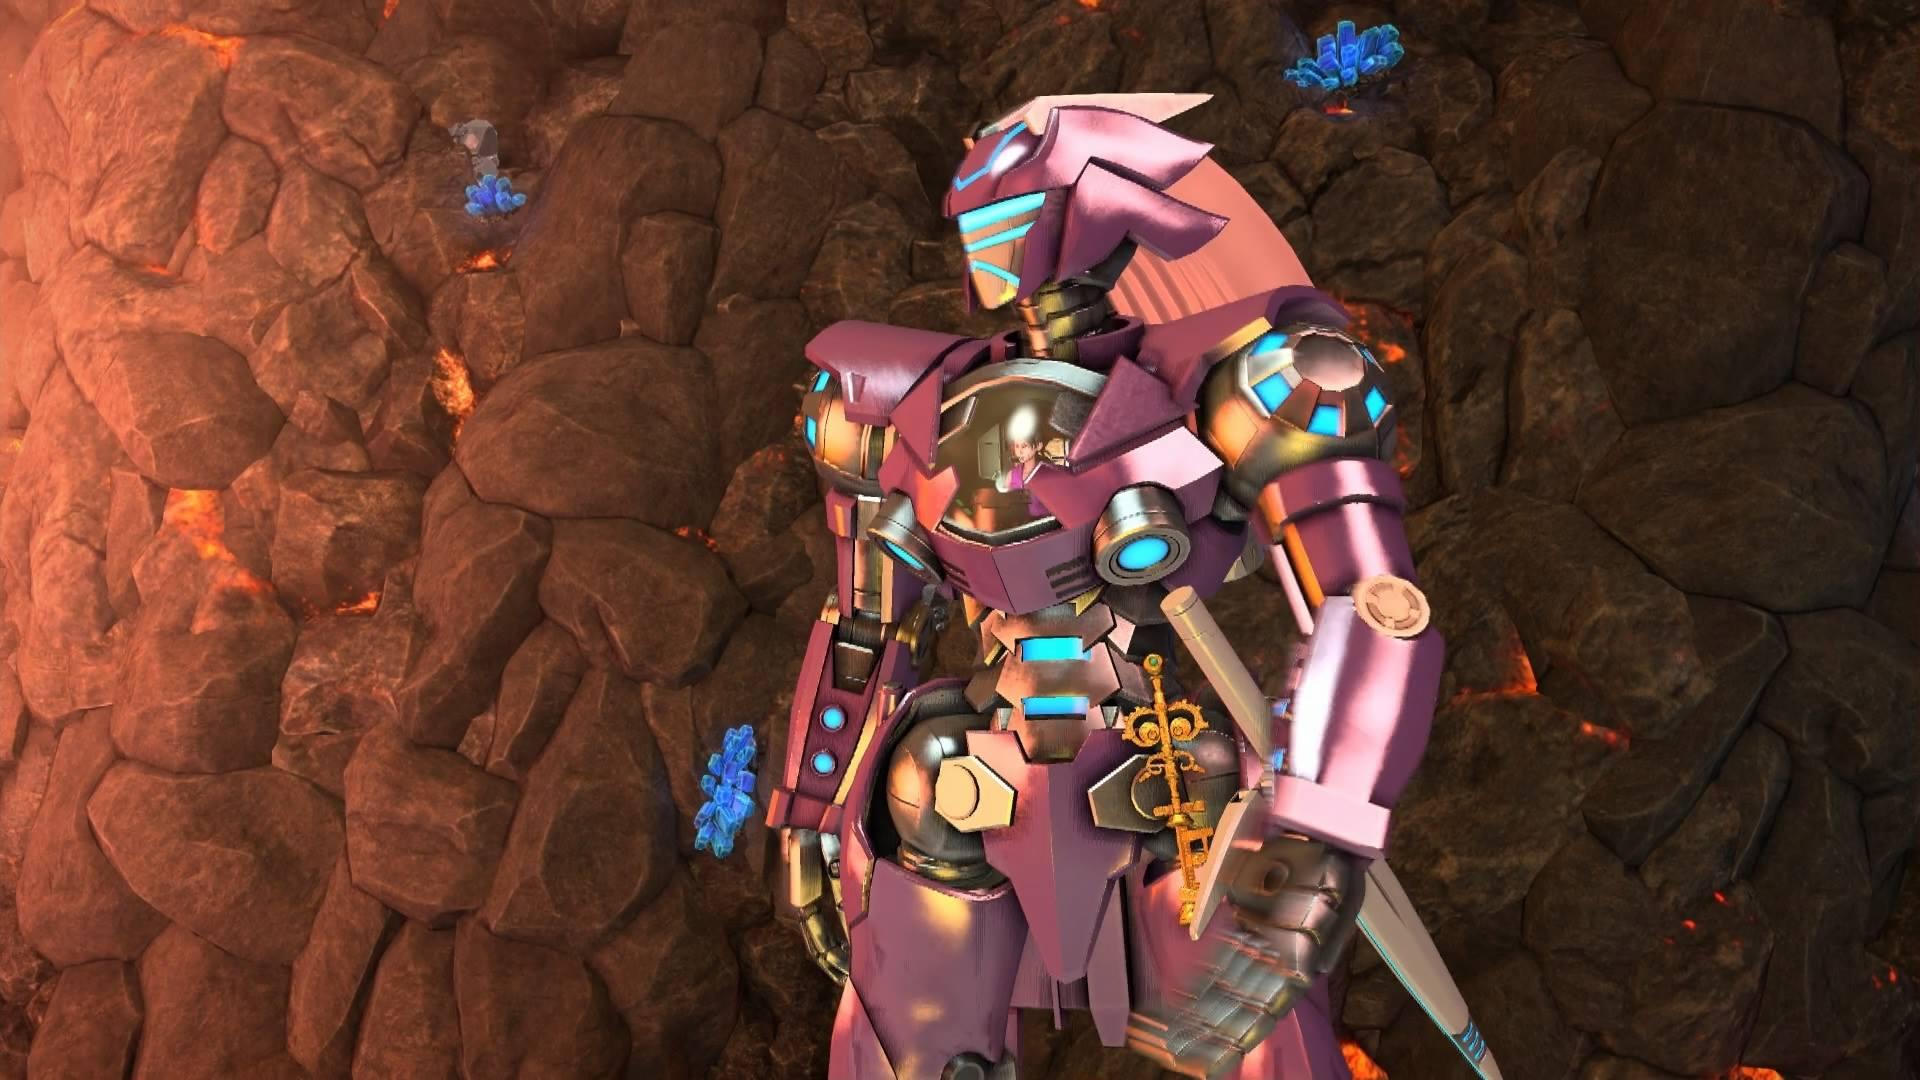 [PS4] Консольный гейминг с Сарказмо – Knack. - Изображение 2